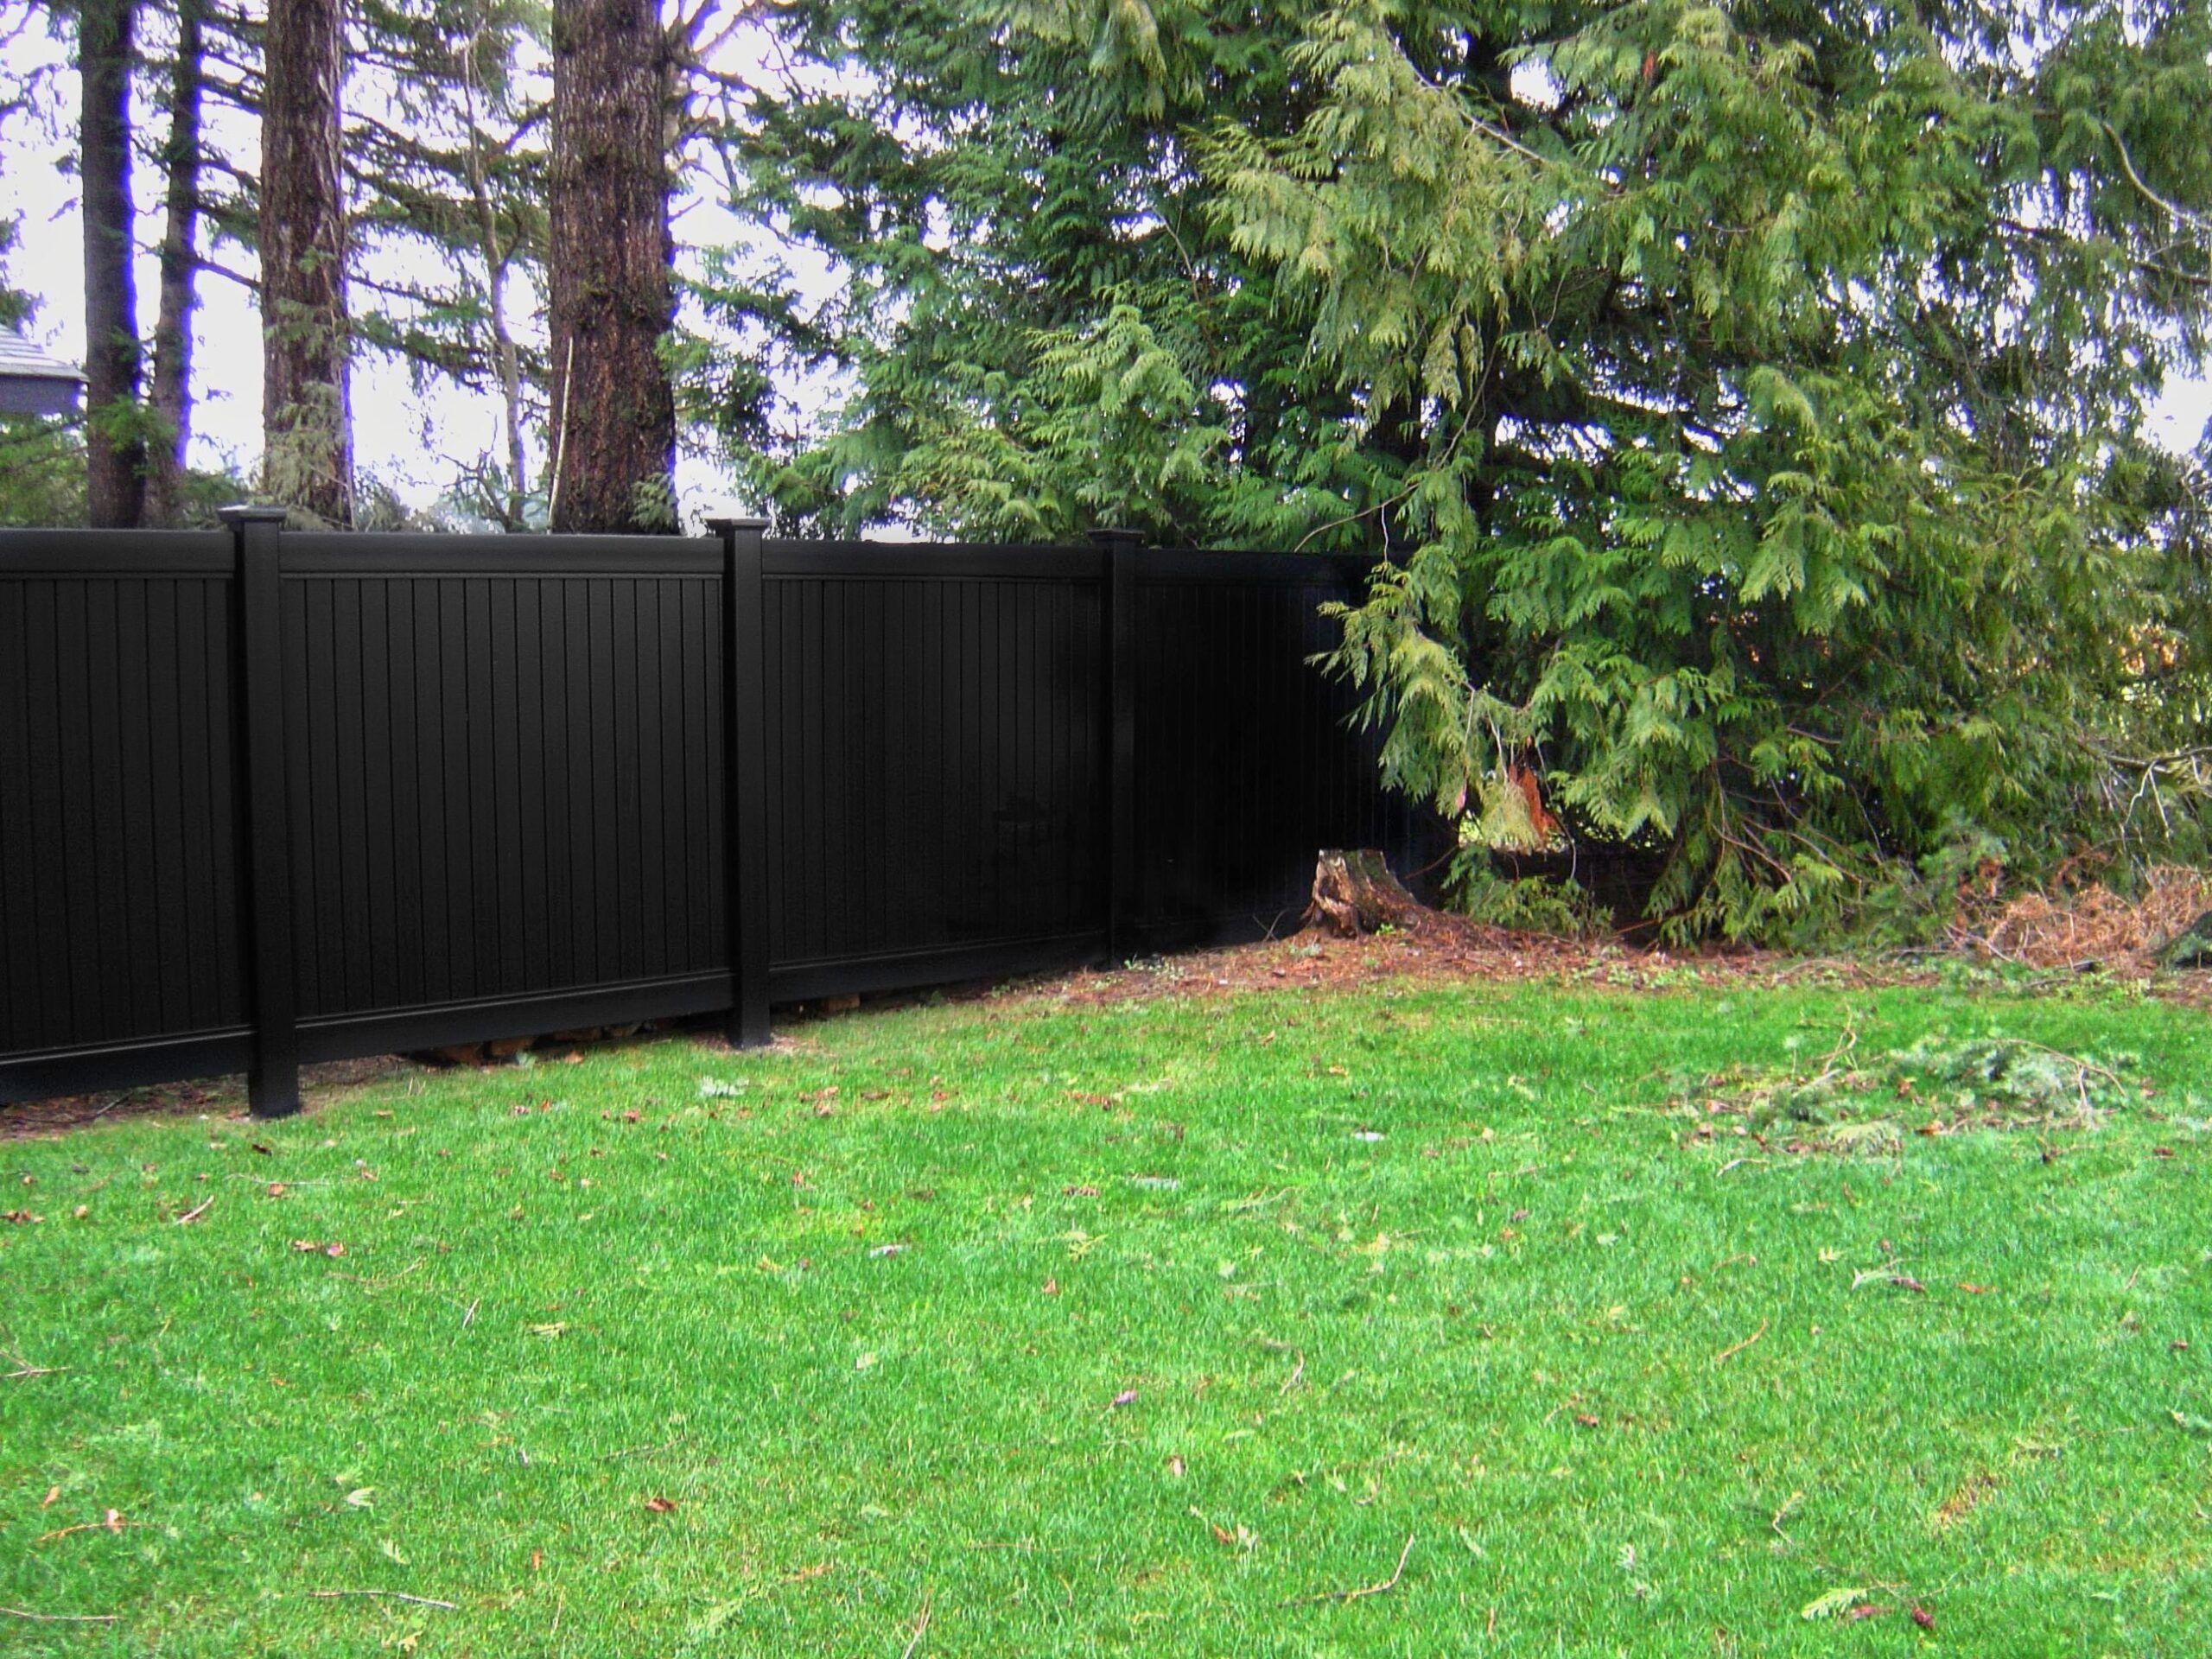 Lattice Black Vinyl Privacy Fencing Blackline Hhp Vinyl Fence Vinyl Fence Colors Vinyl Privacy Fence